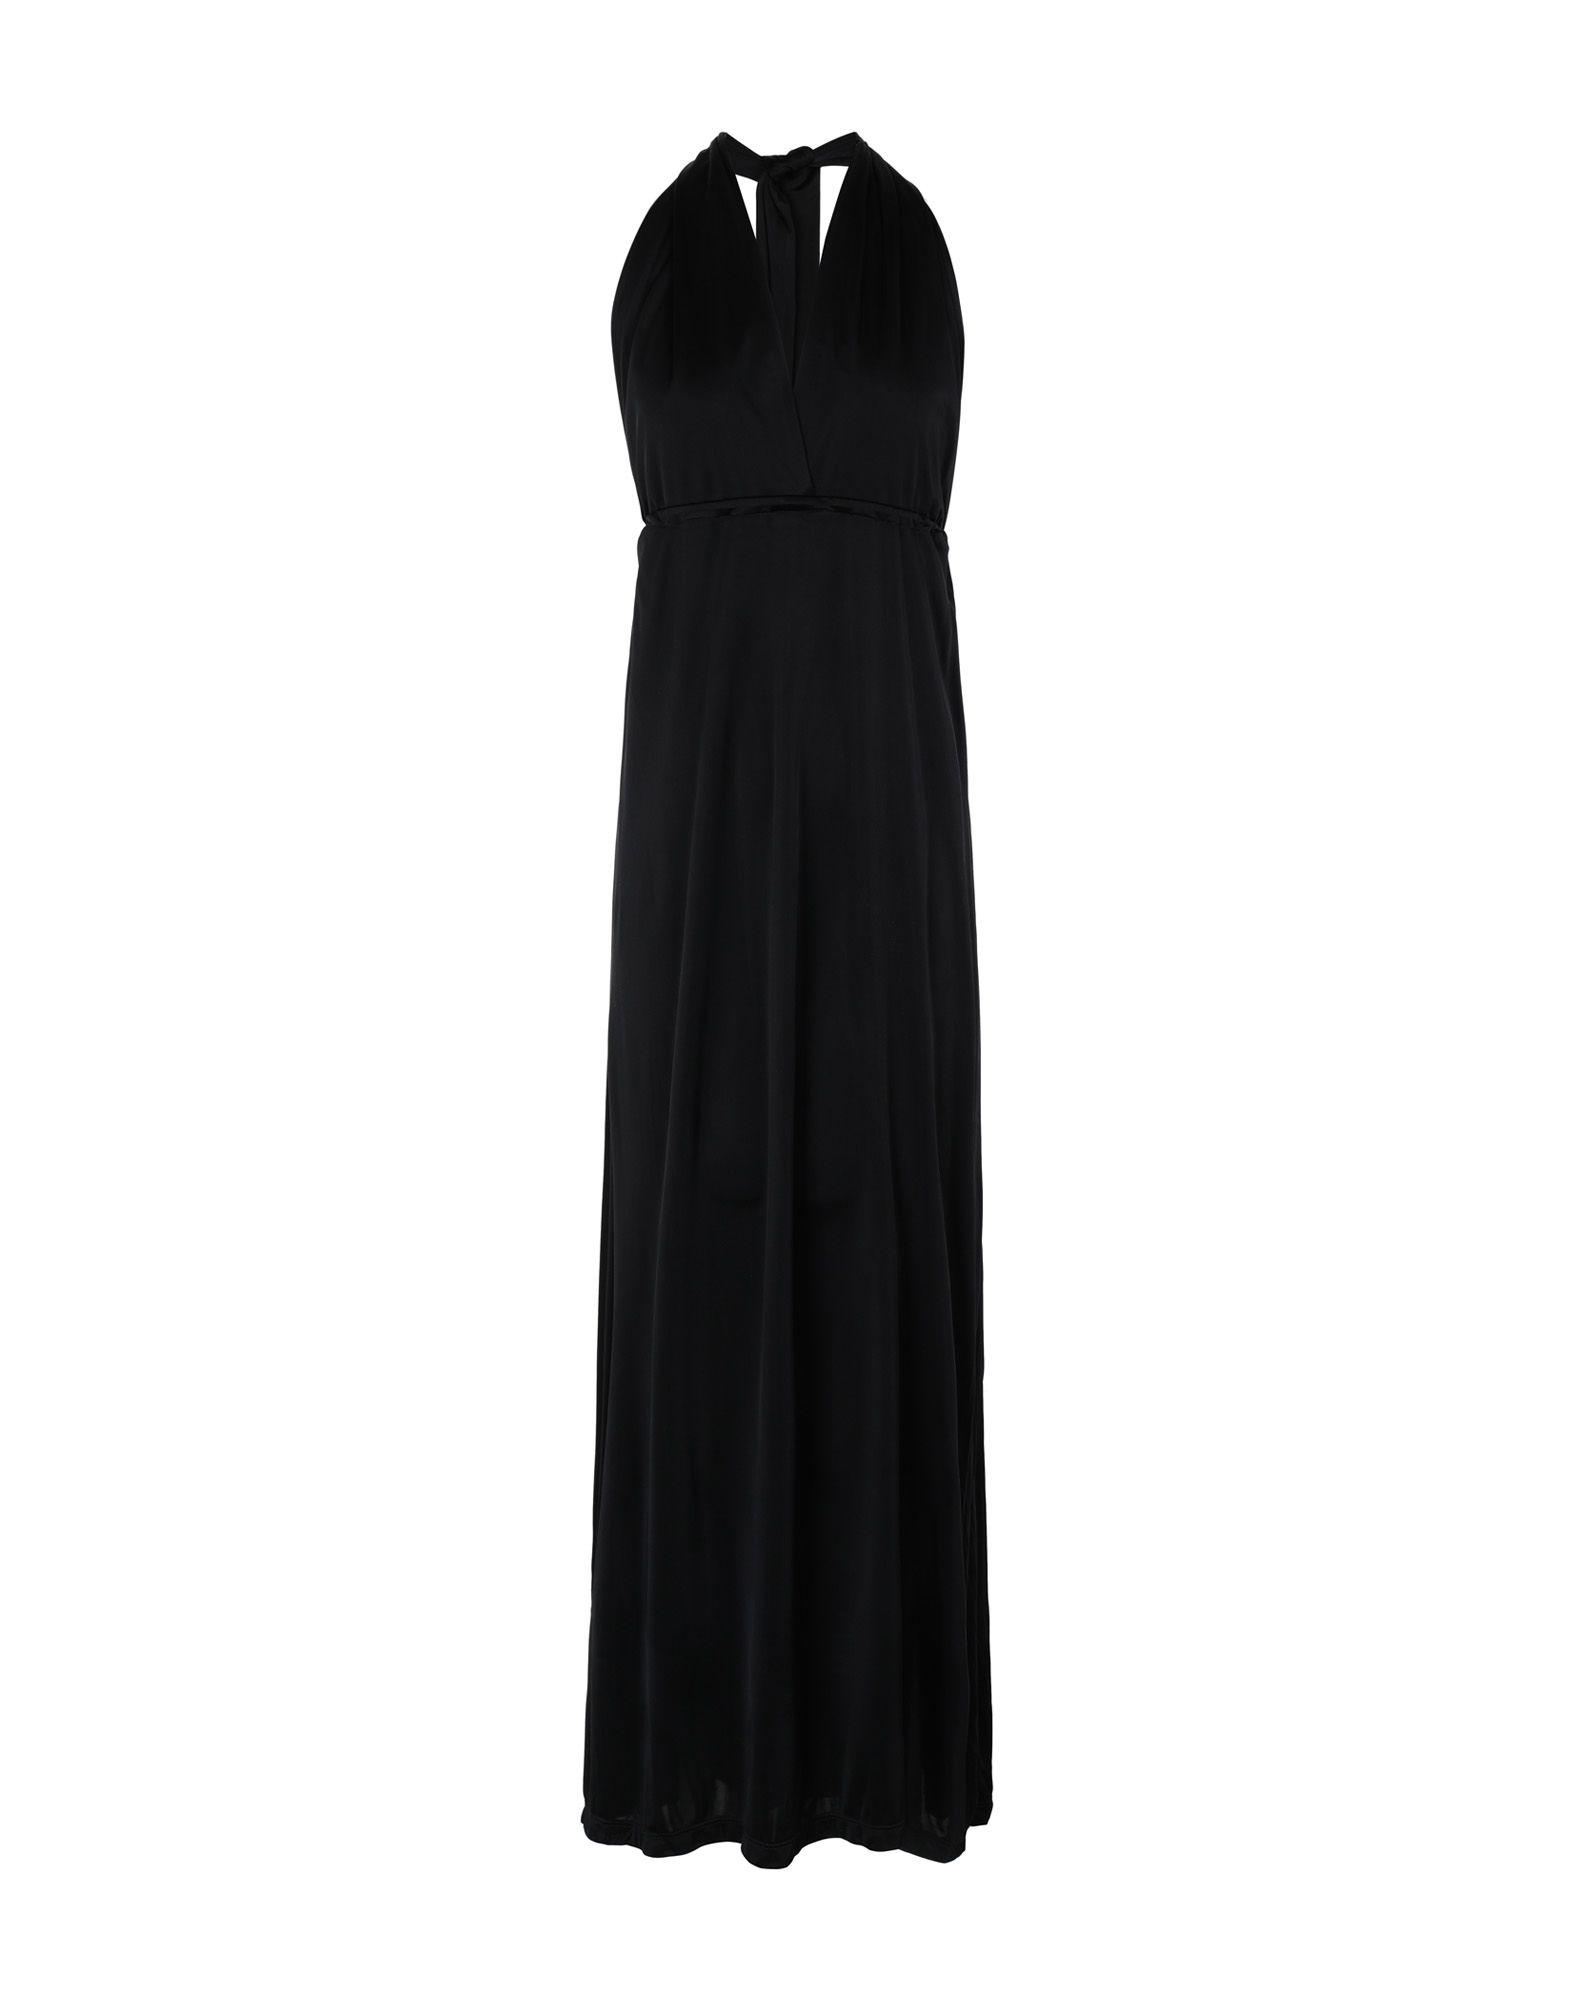 《期間限定セール中》?GUA DE COCO por LIANA THOMAZ レディース ビーチドレス ブラック one size ナイロン 100%